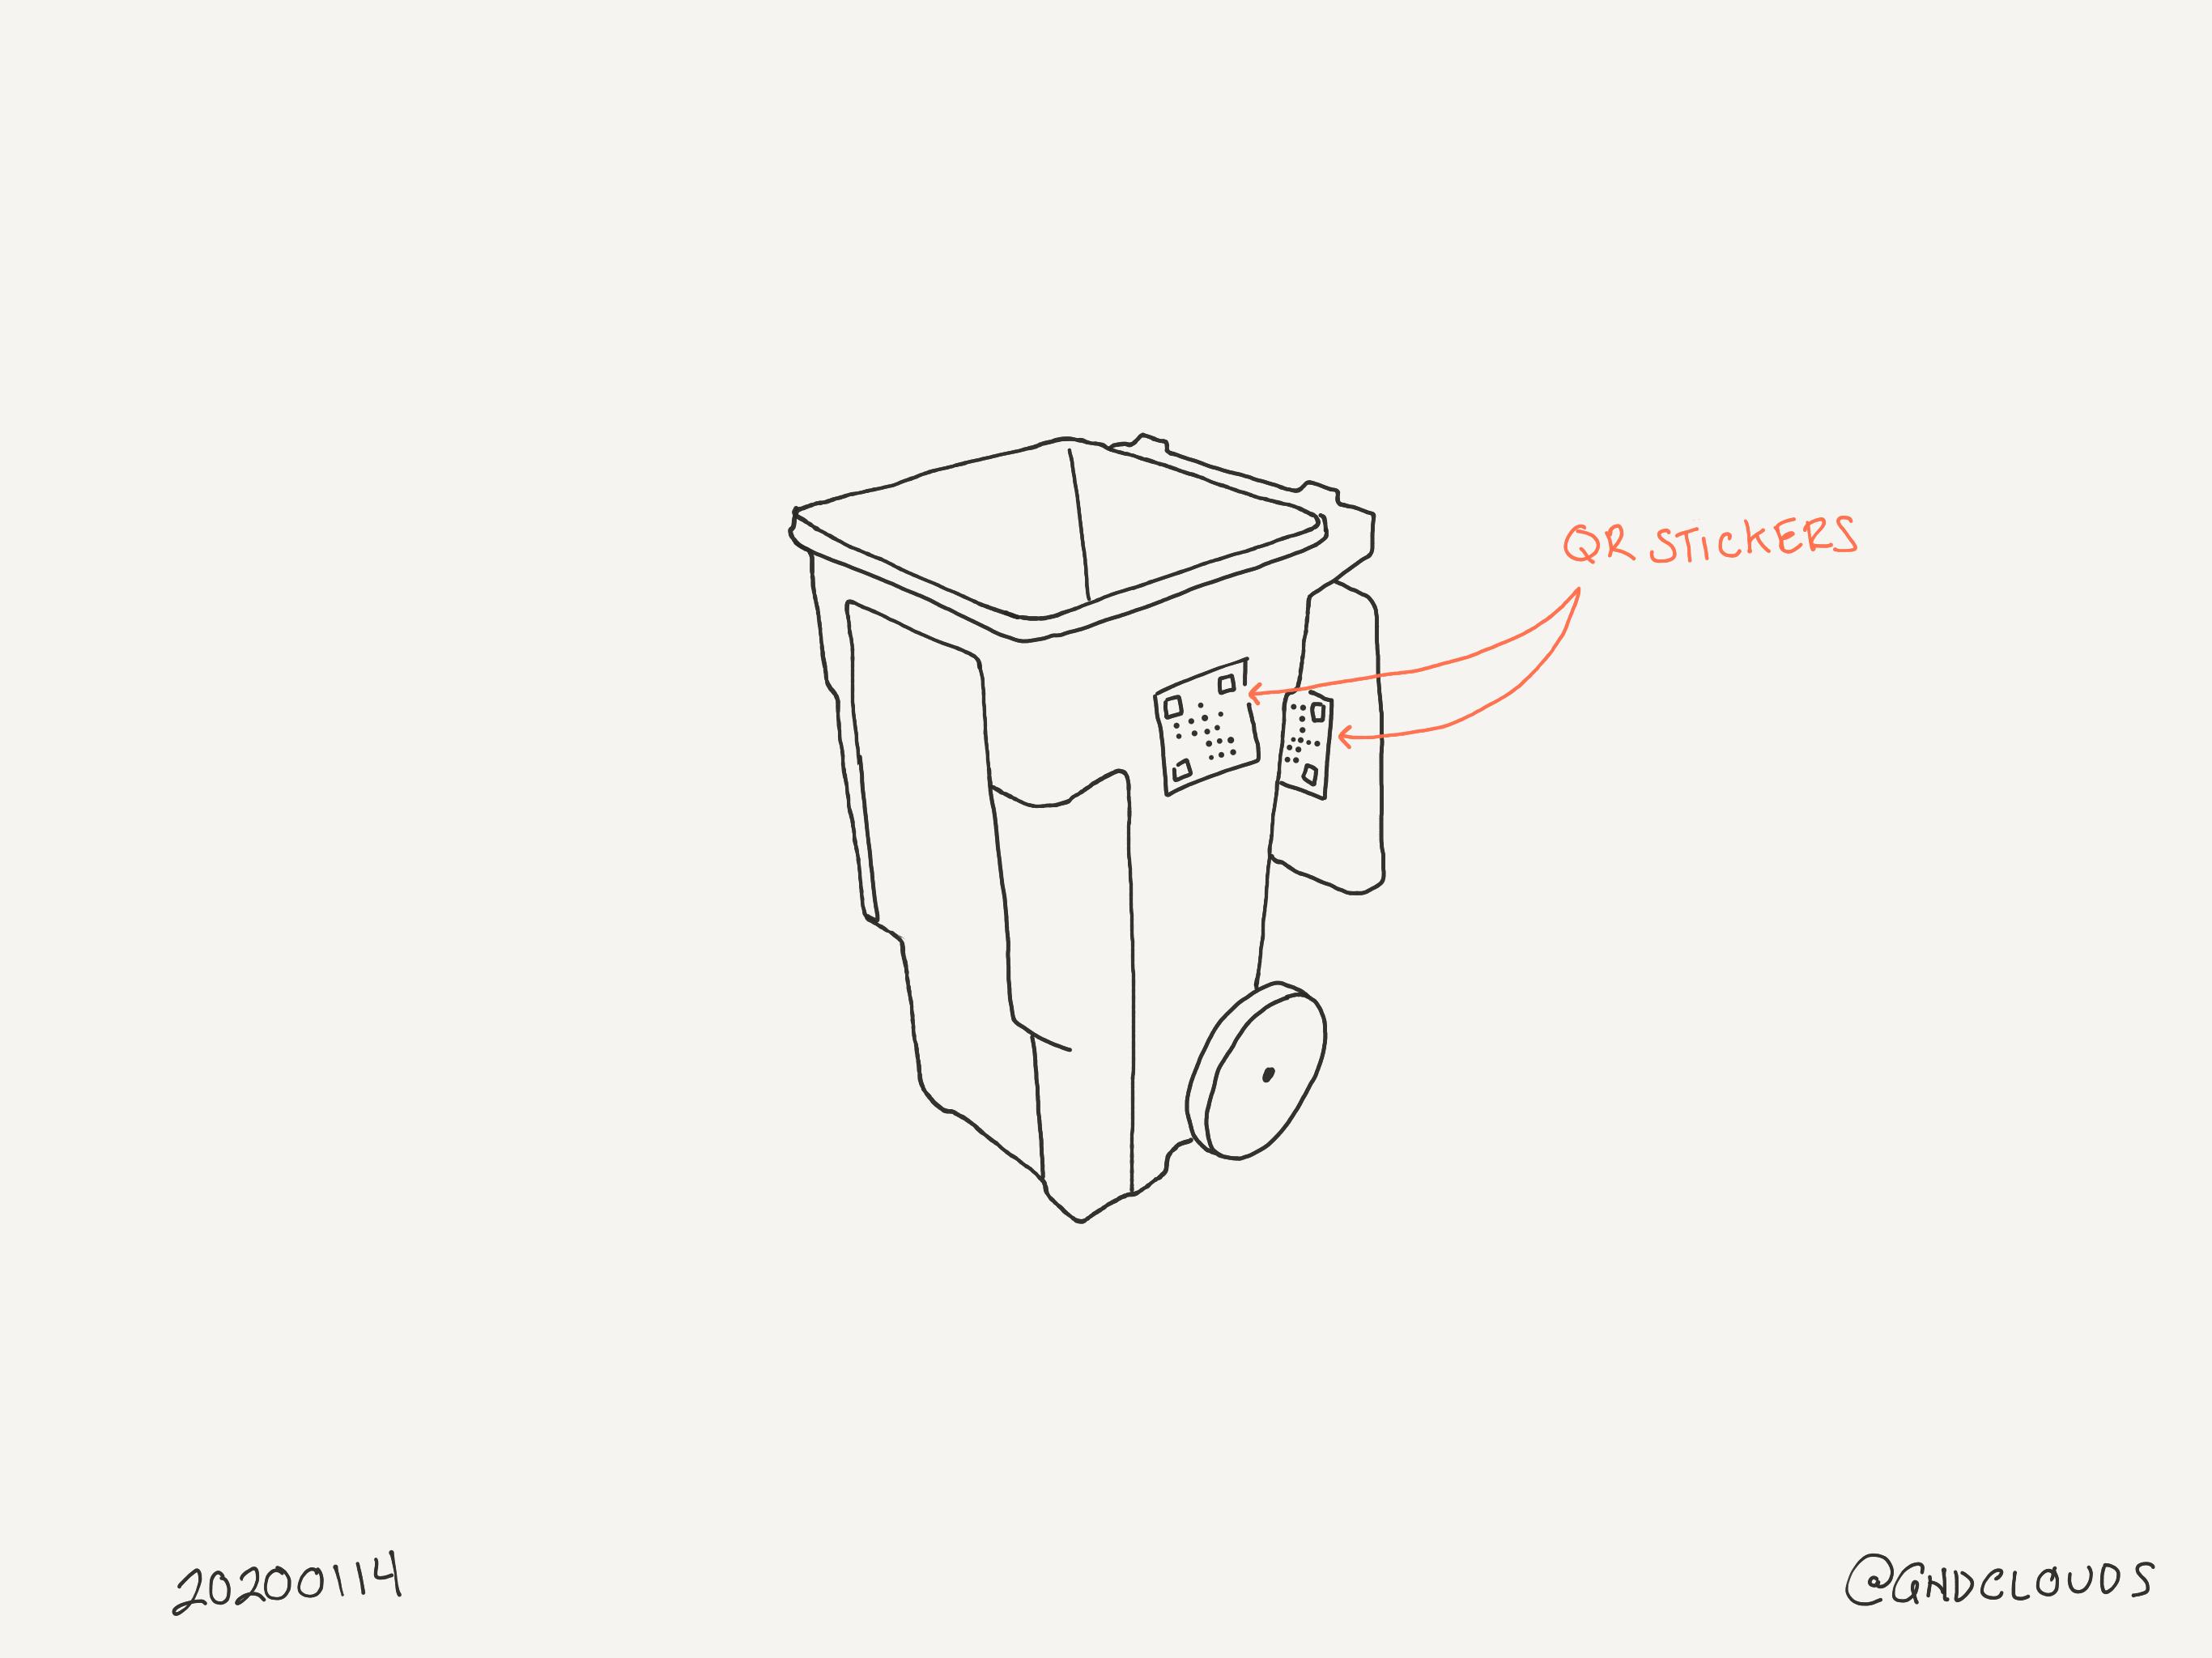 Waste Bin with QR Code